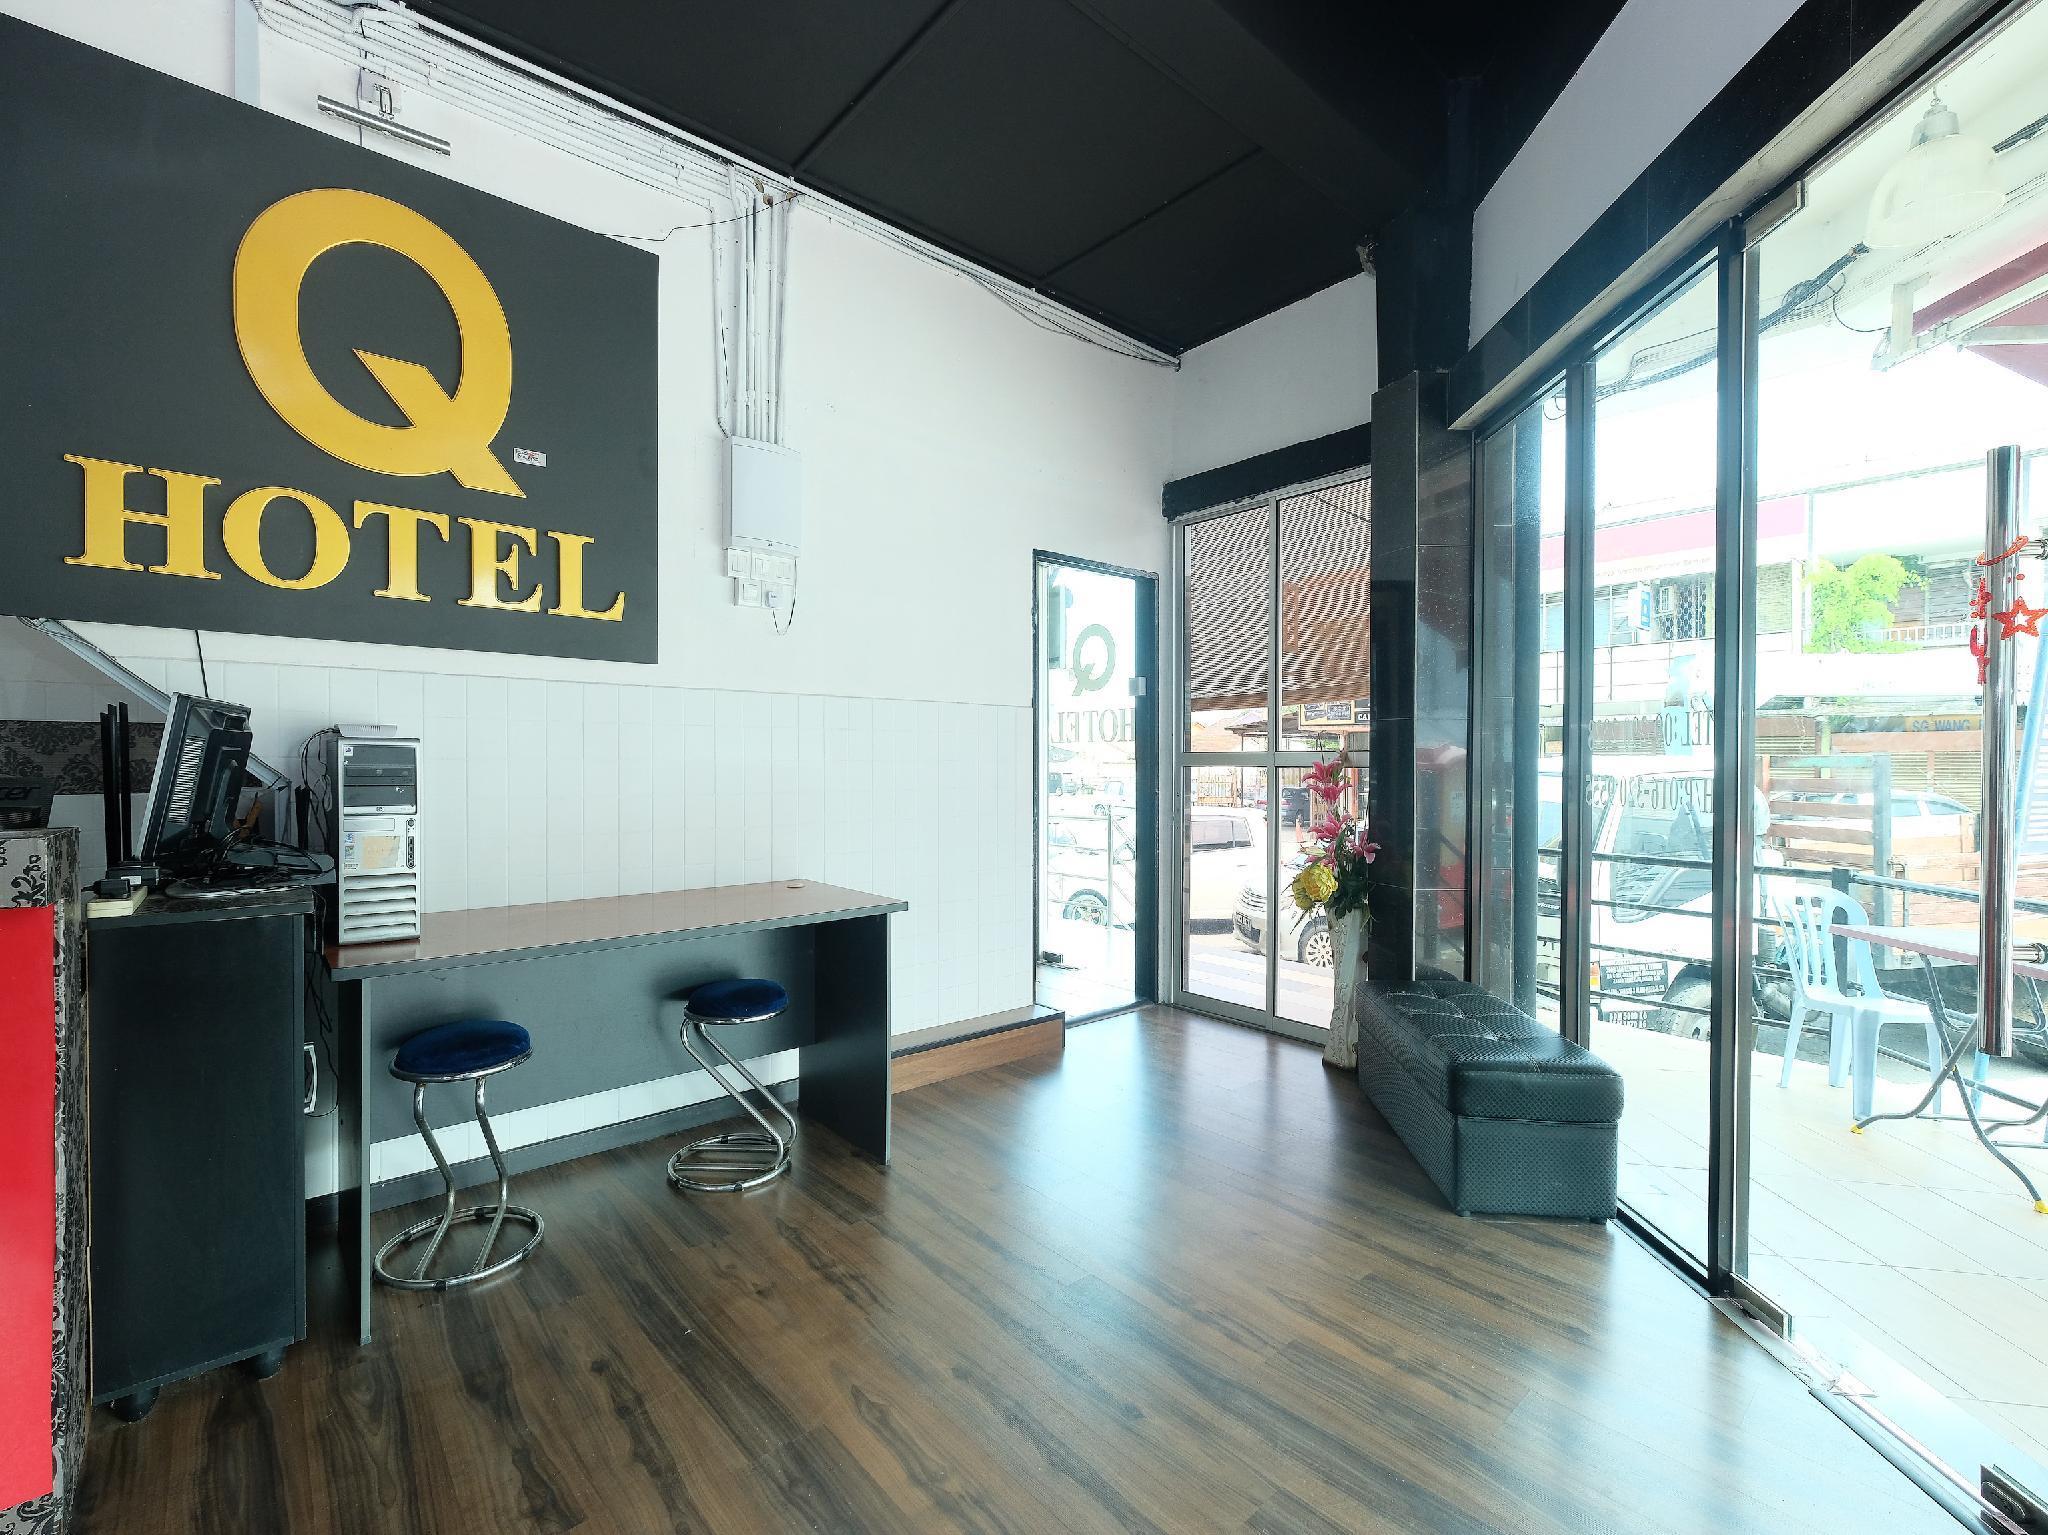 OYO 1104 Q Hotel